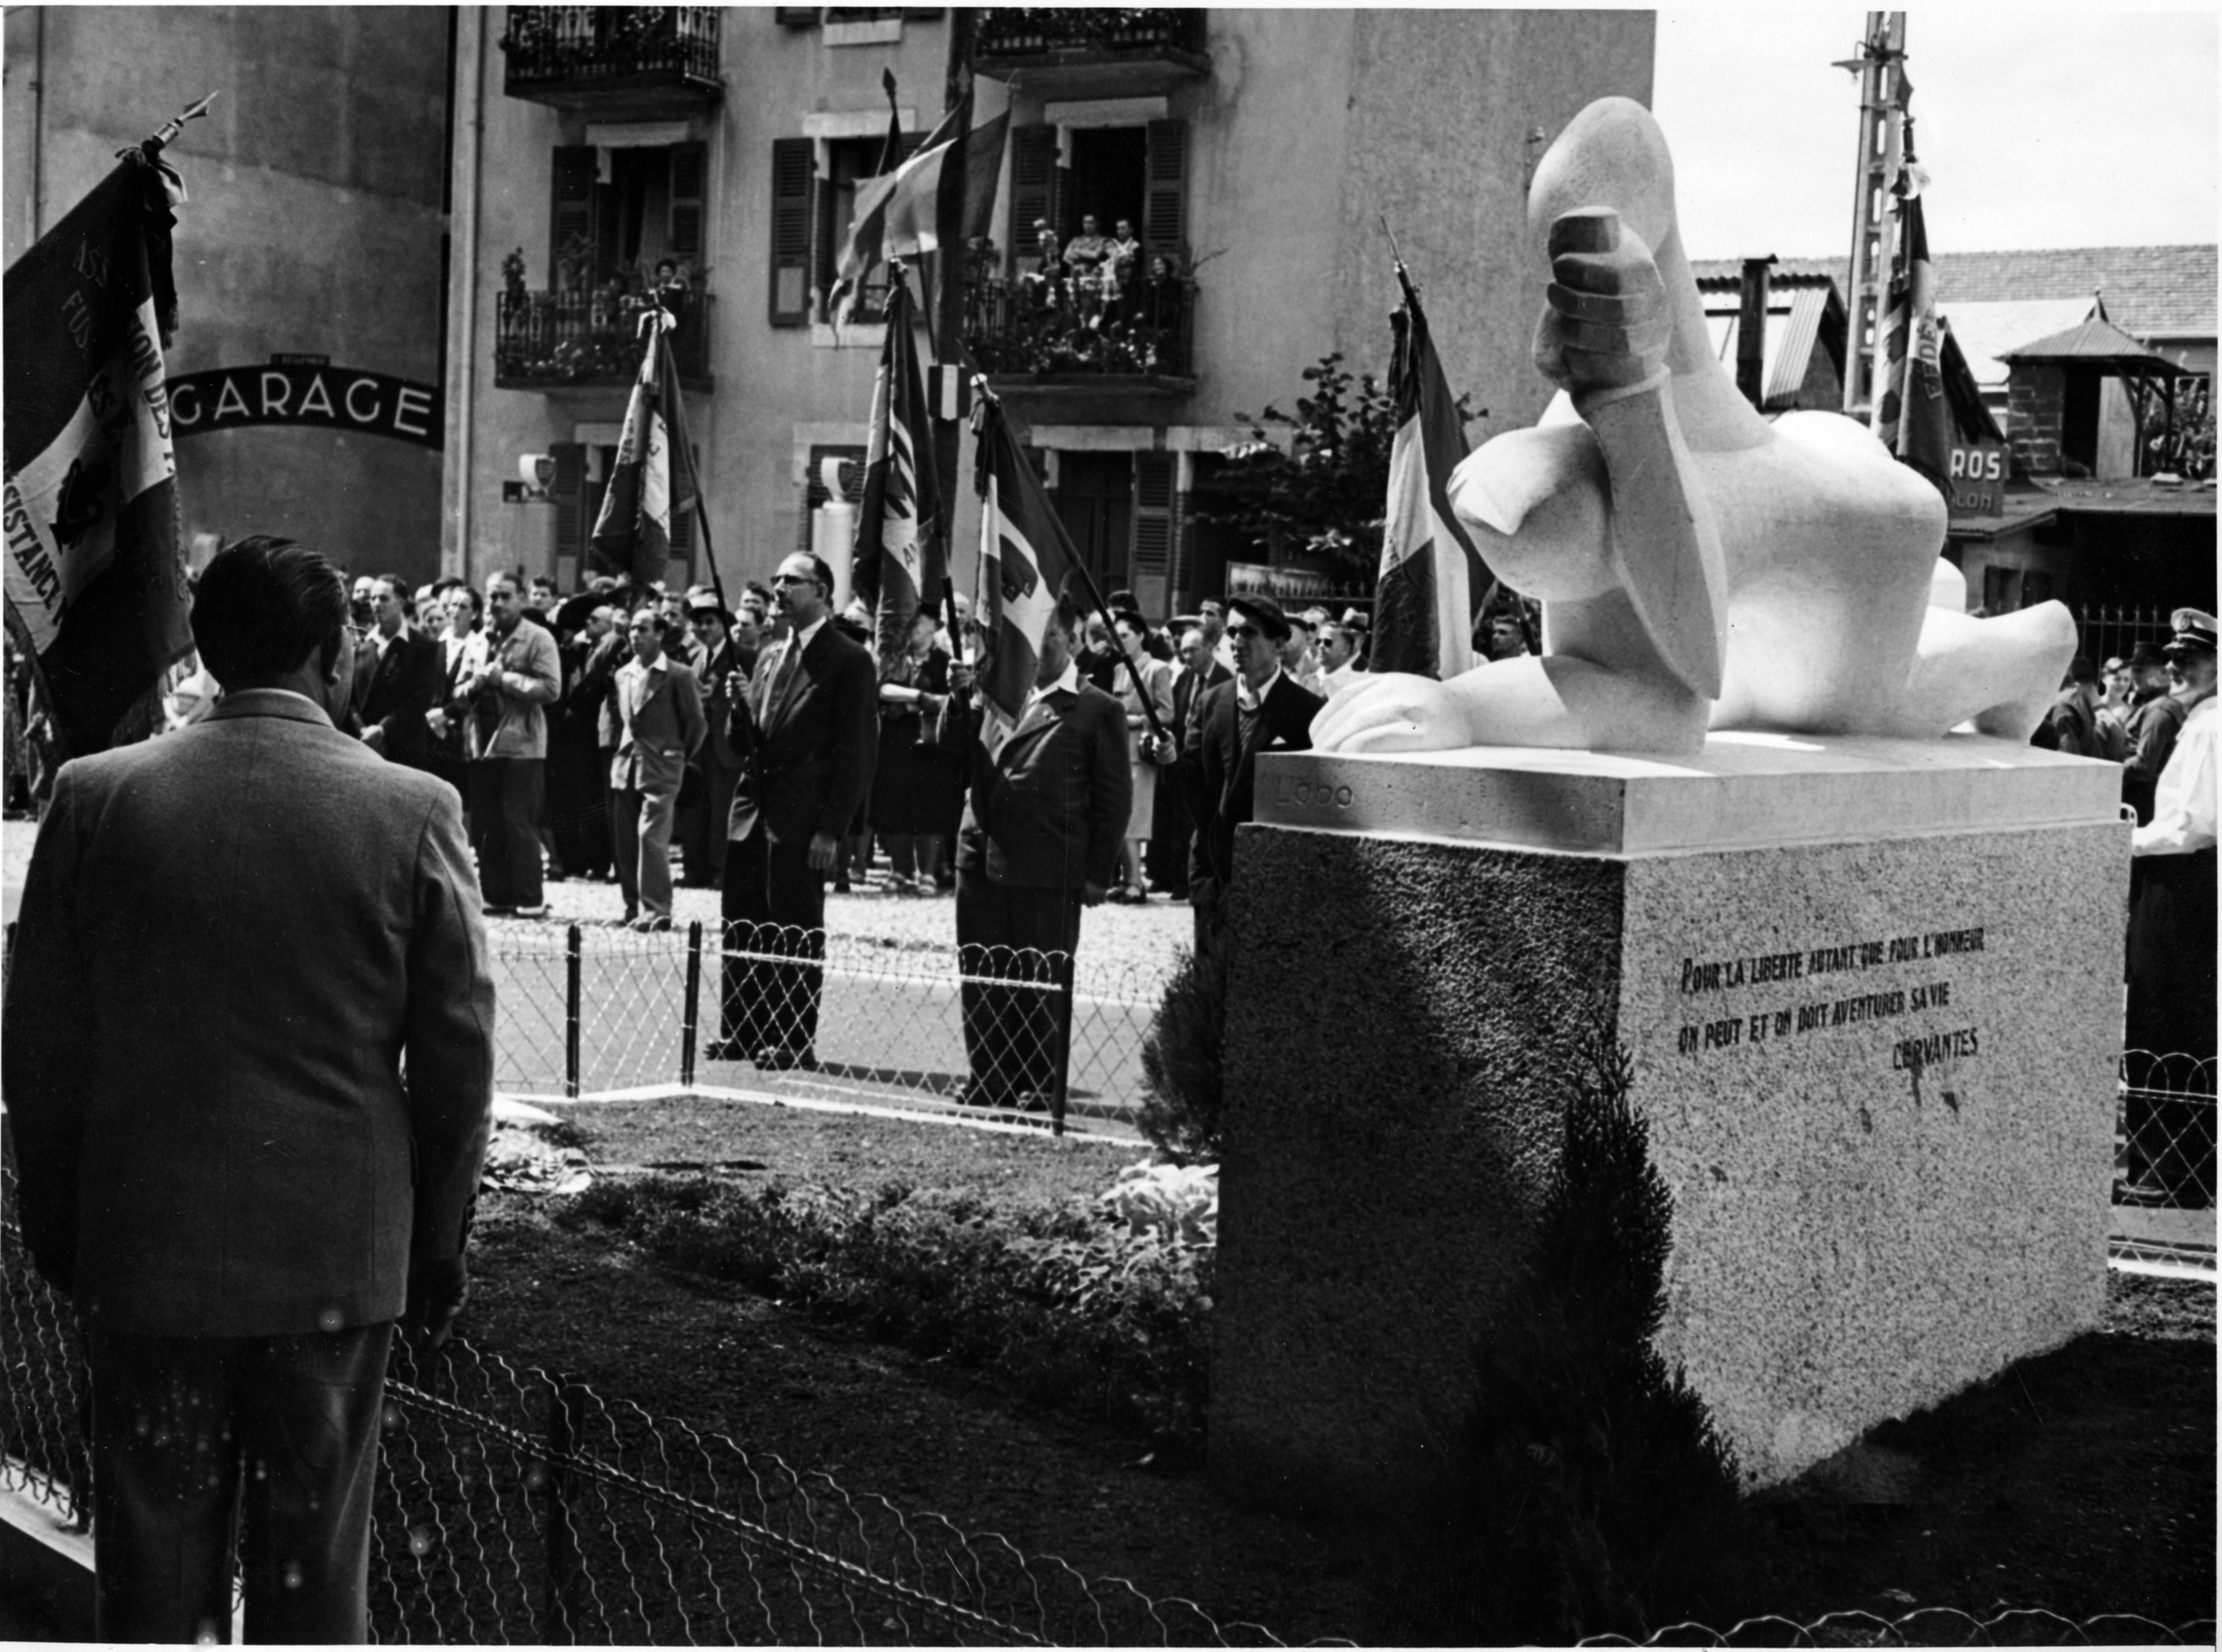 MONUMENT ESPAGNOL I224